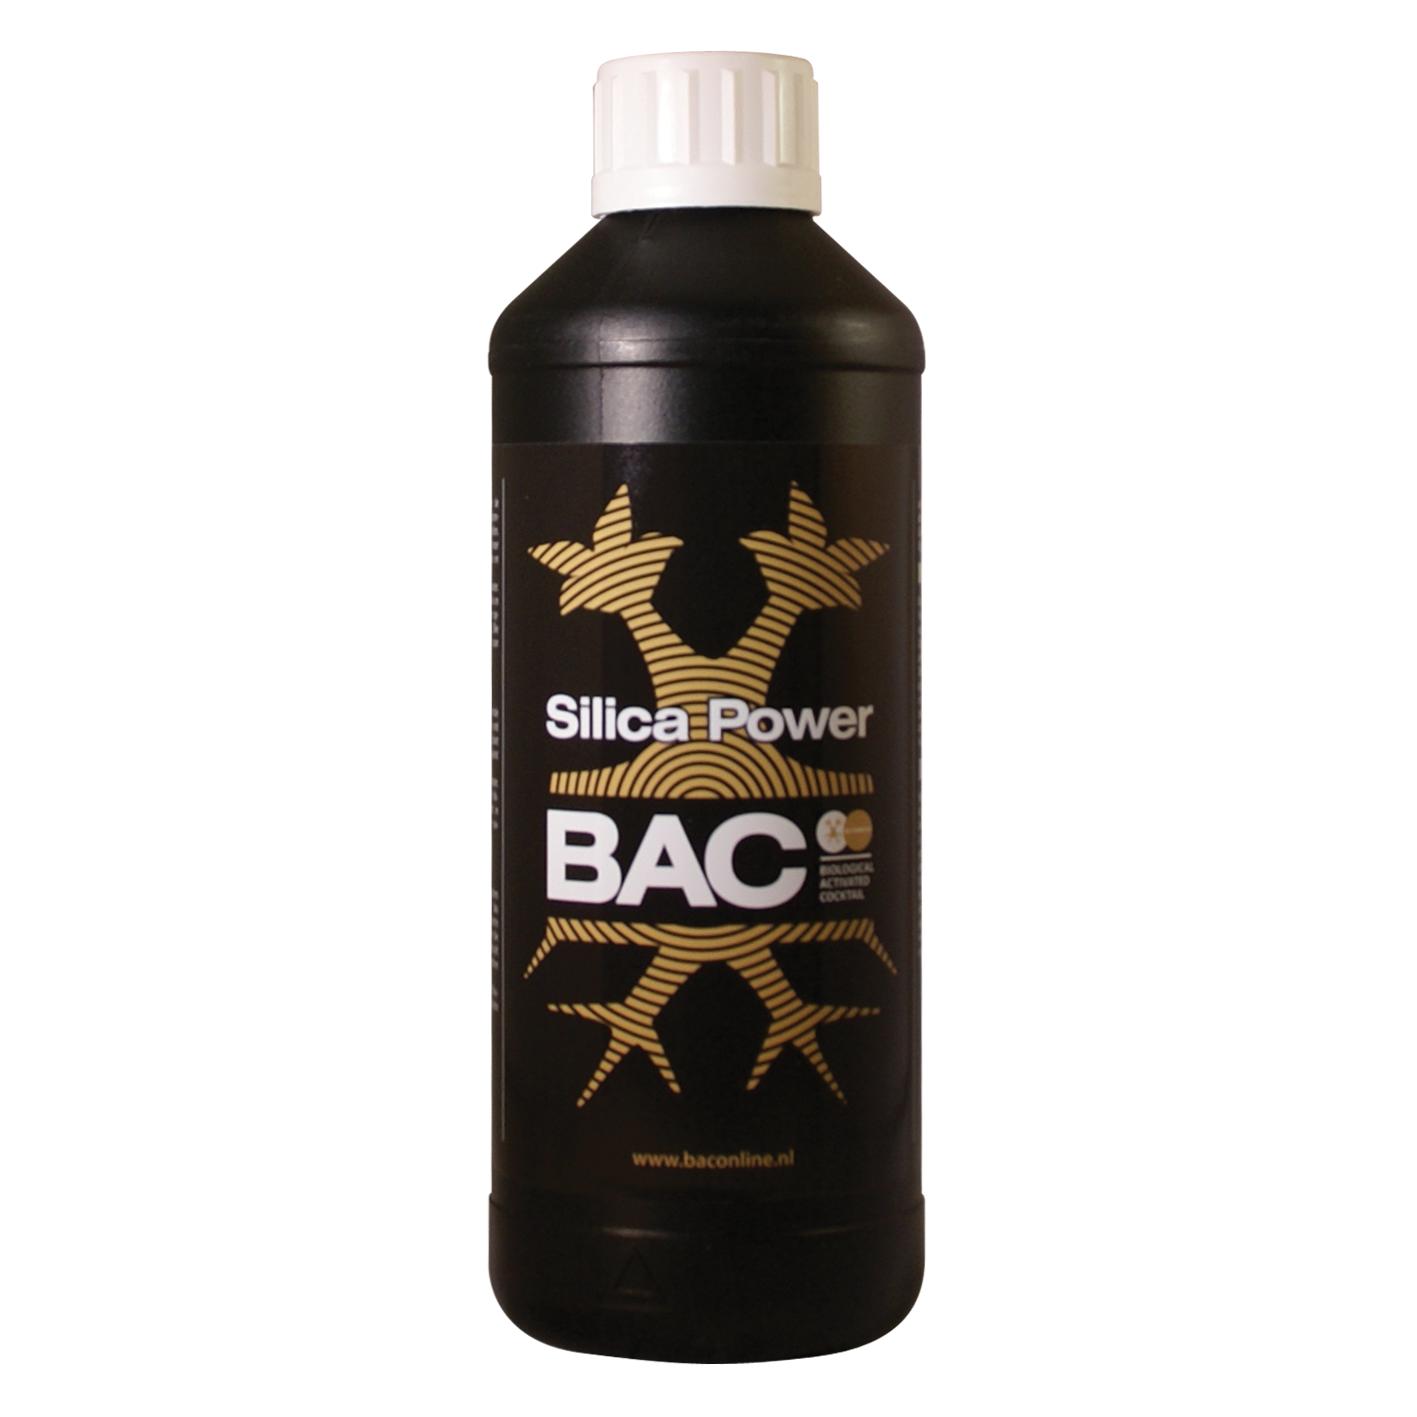 BAC - Silica Power (кремниевый стимулятор)